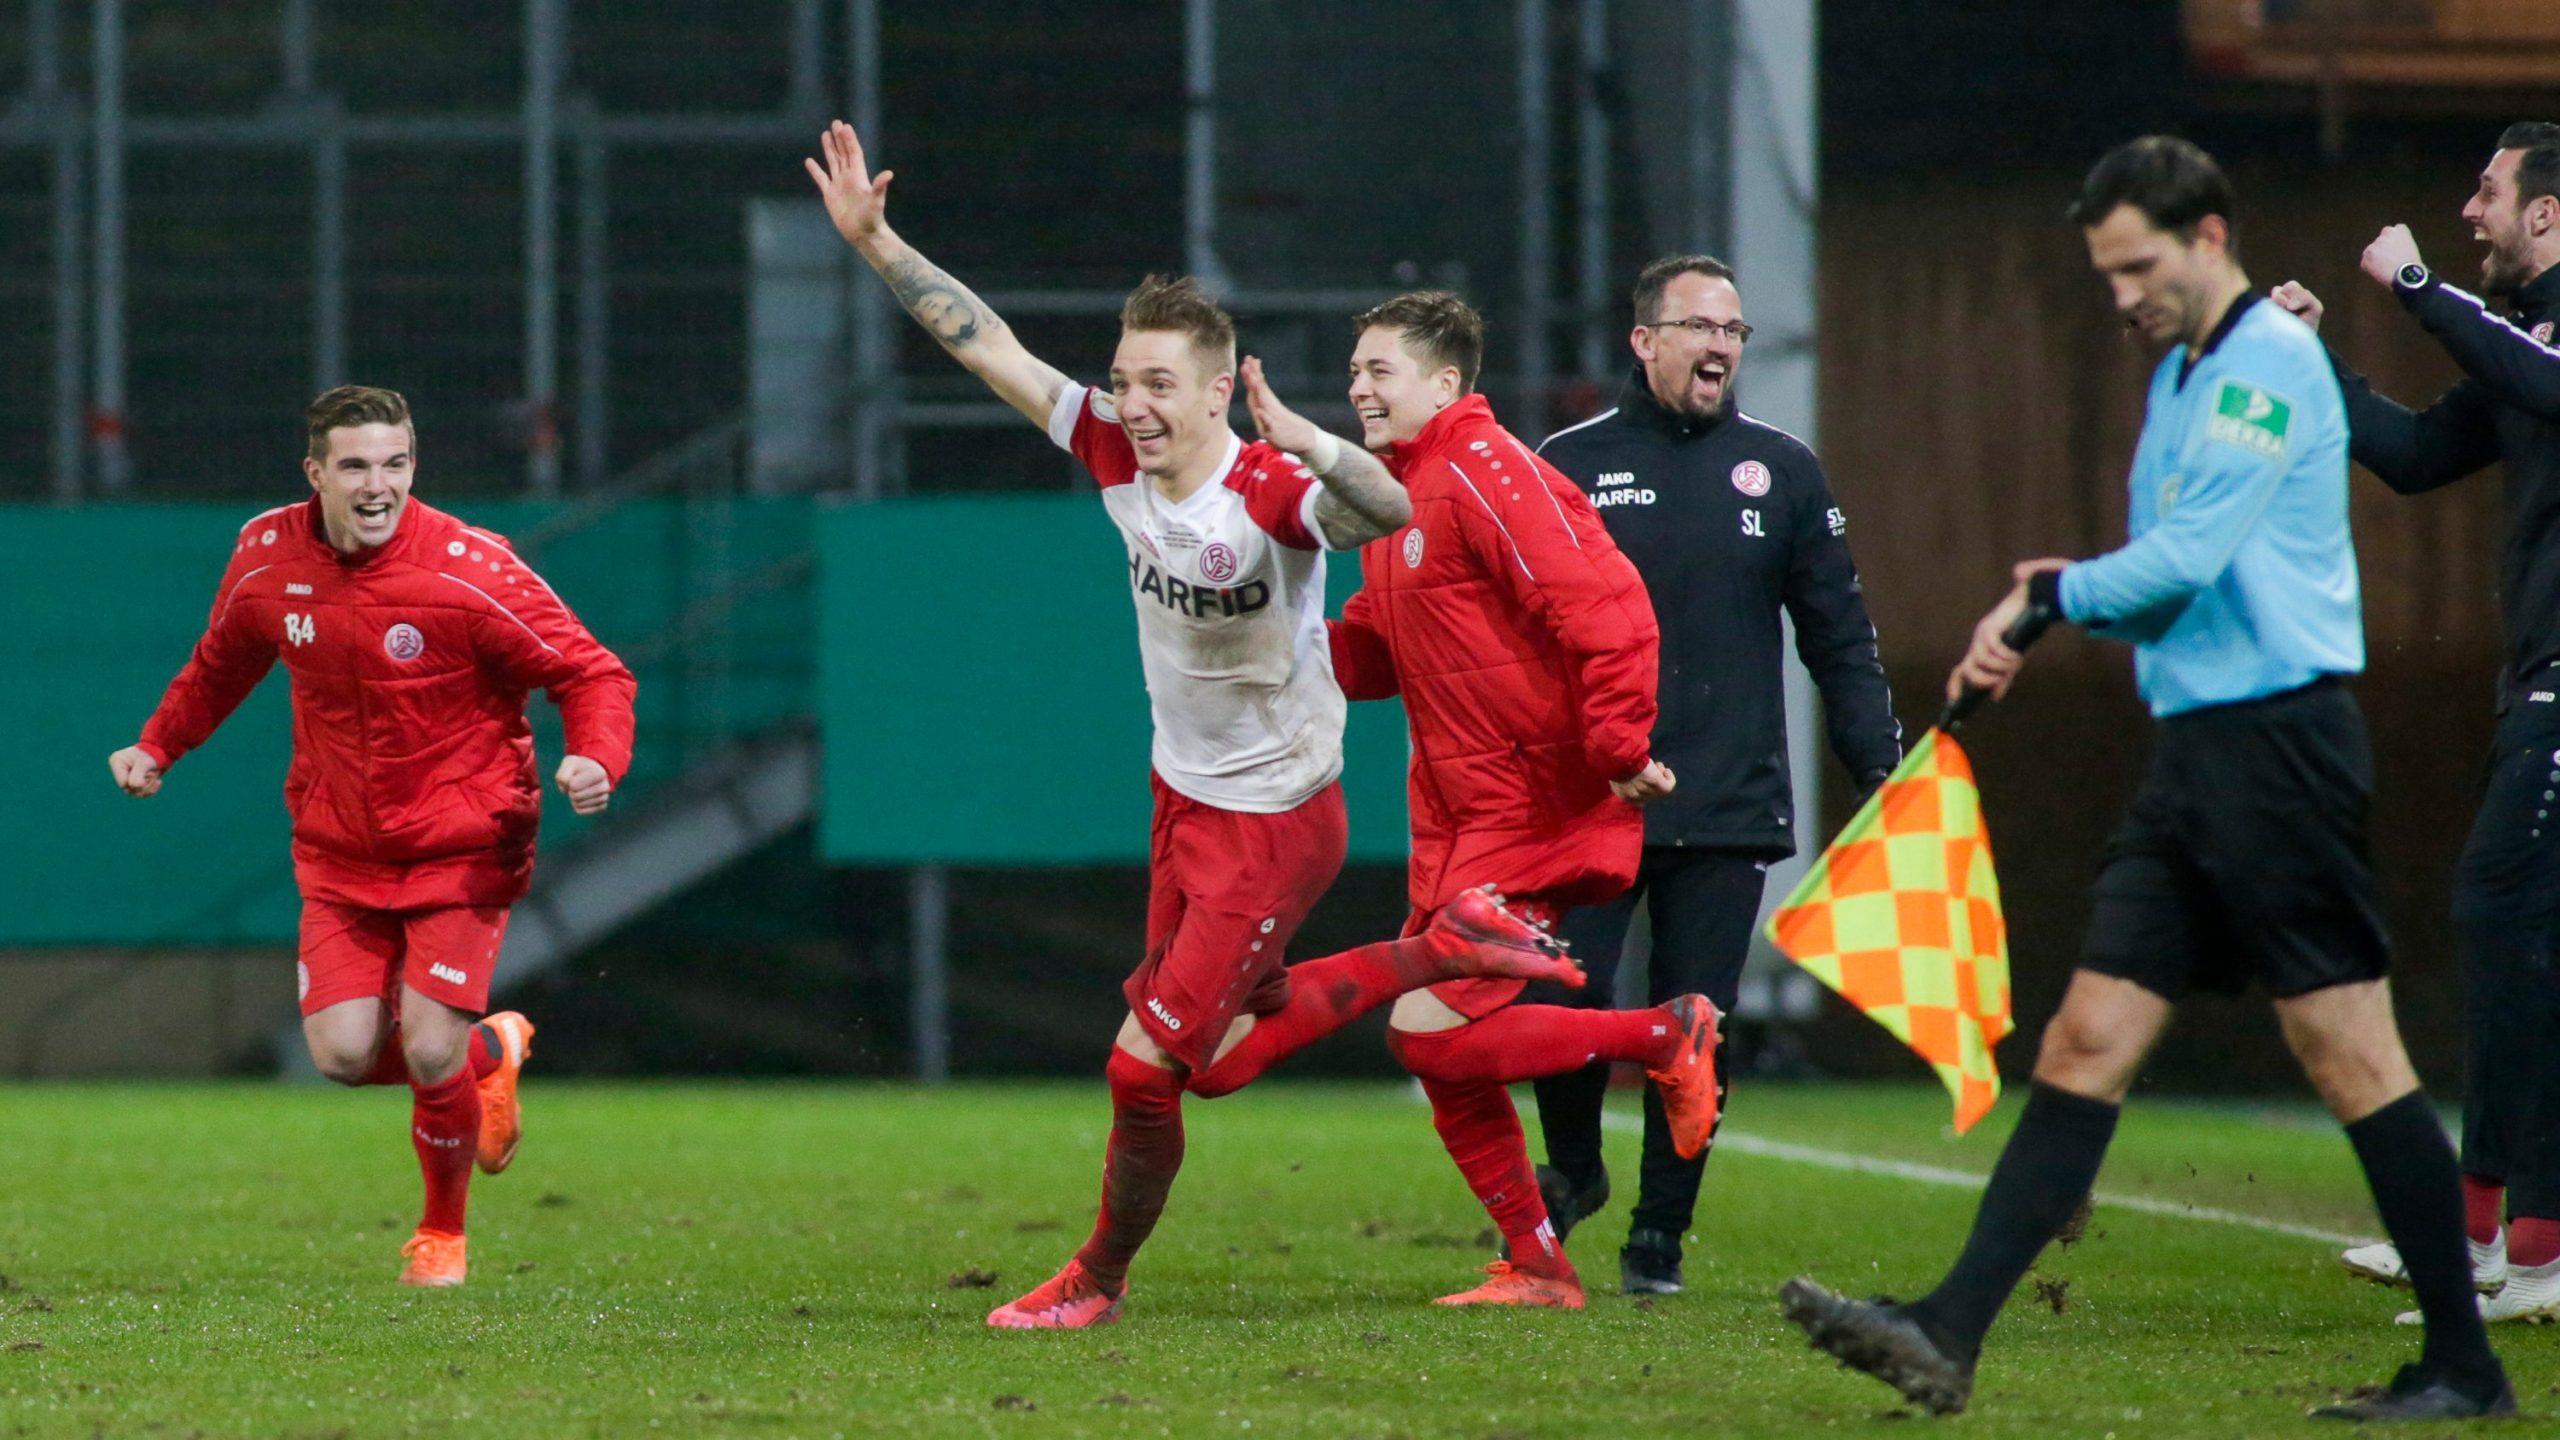 Chi è il Rot Weiss Essen, la squadra di quarta serie che ha eliminato il Leverkusen?